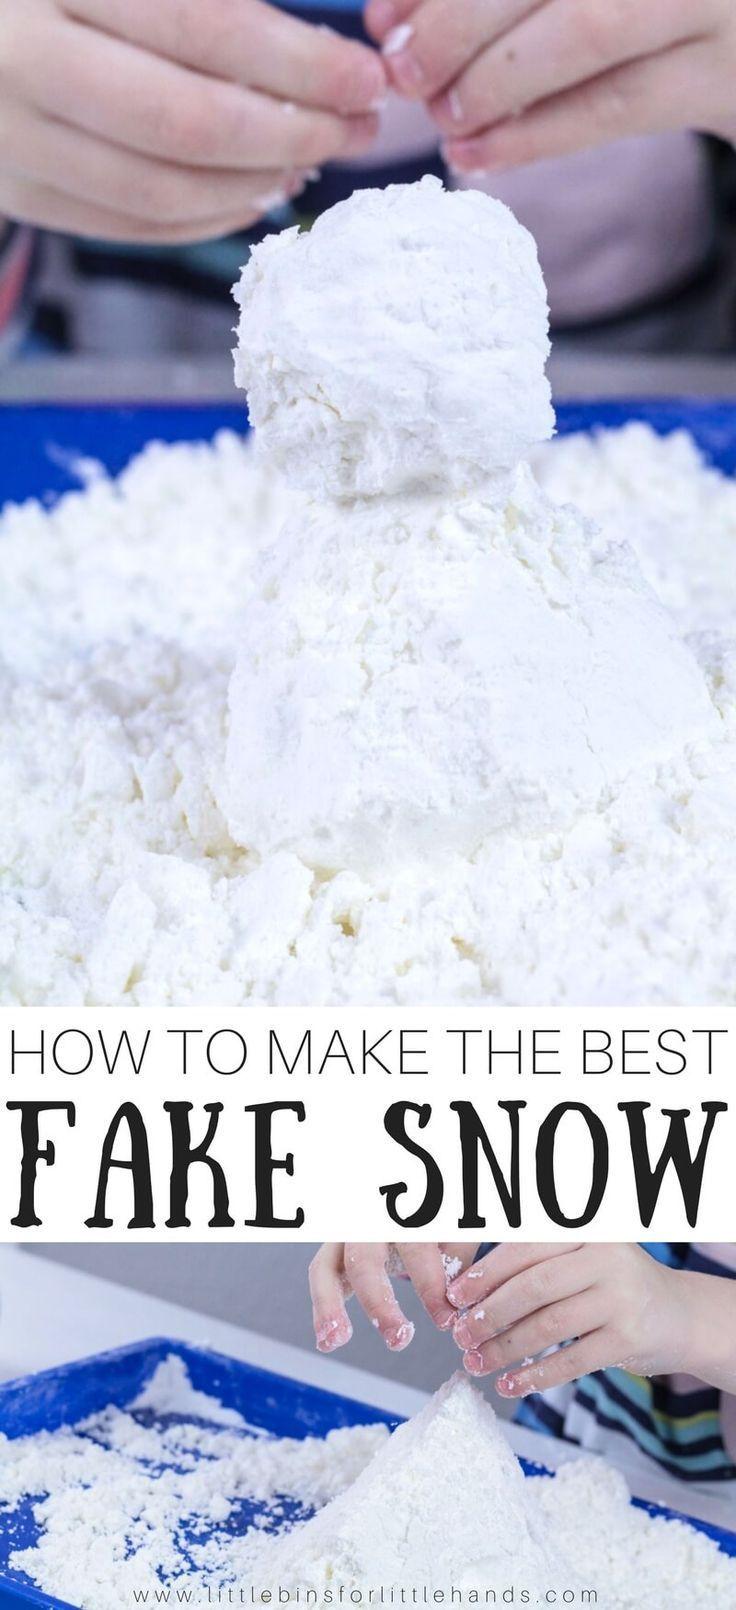 50+ Sensory Play Ideas For Kids Snow recipe, How to make